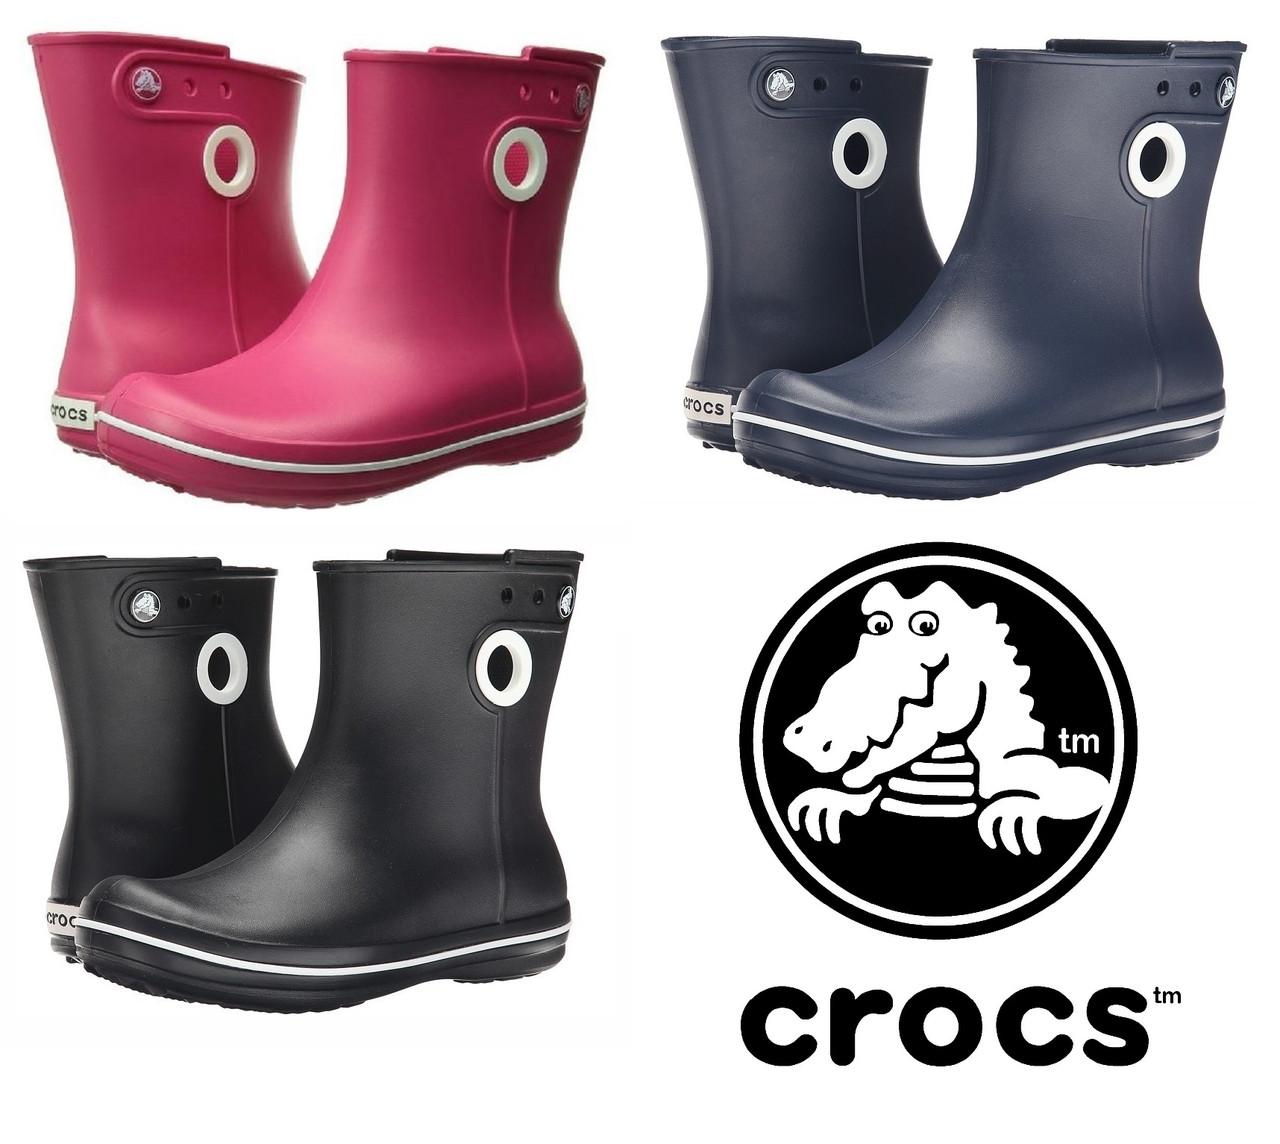 Сапоги резиновые женские короткие с кружочком Crocs Women's Jaunt Shorty Boot / дождевики полусапоги